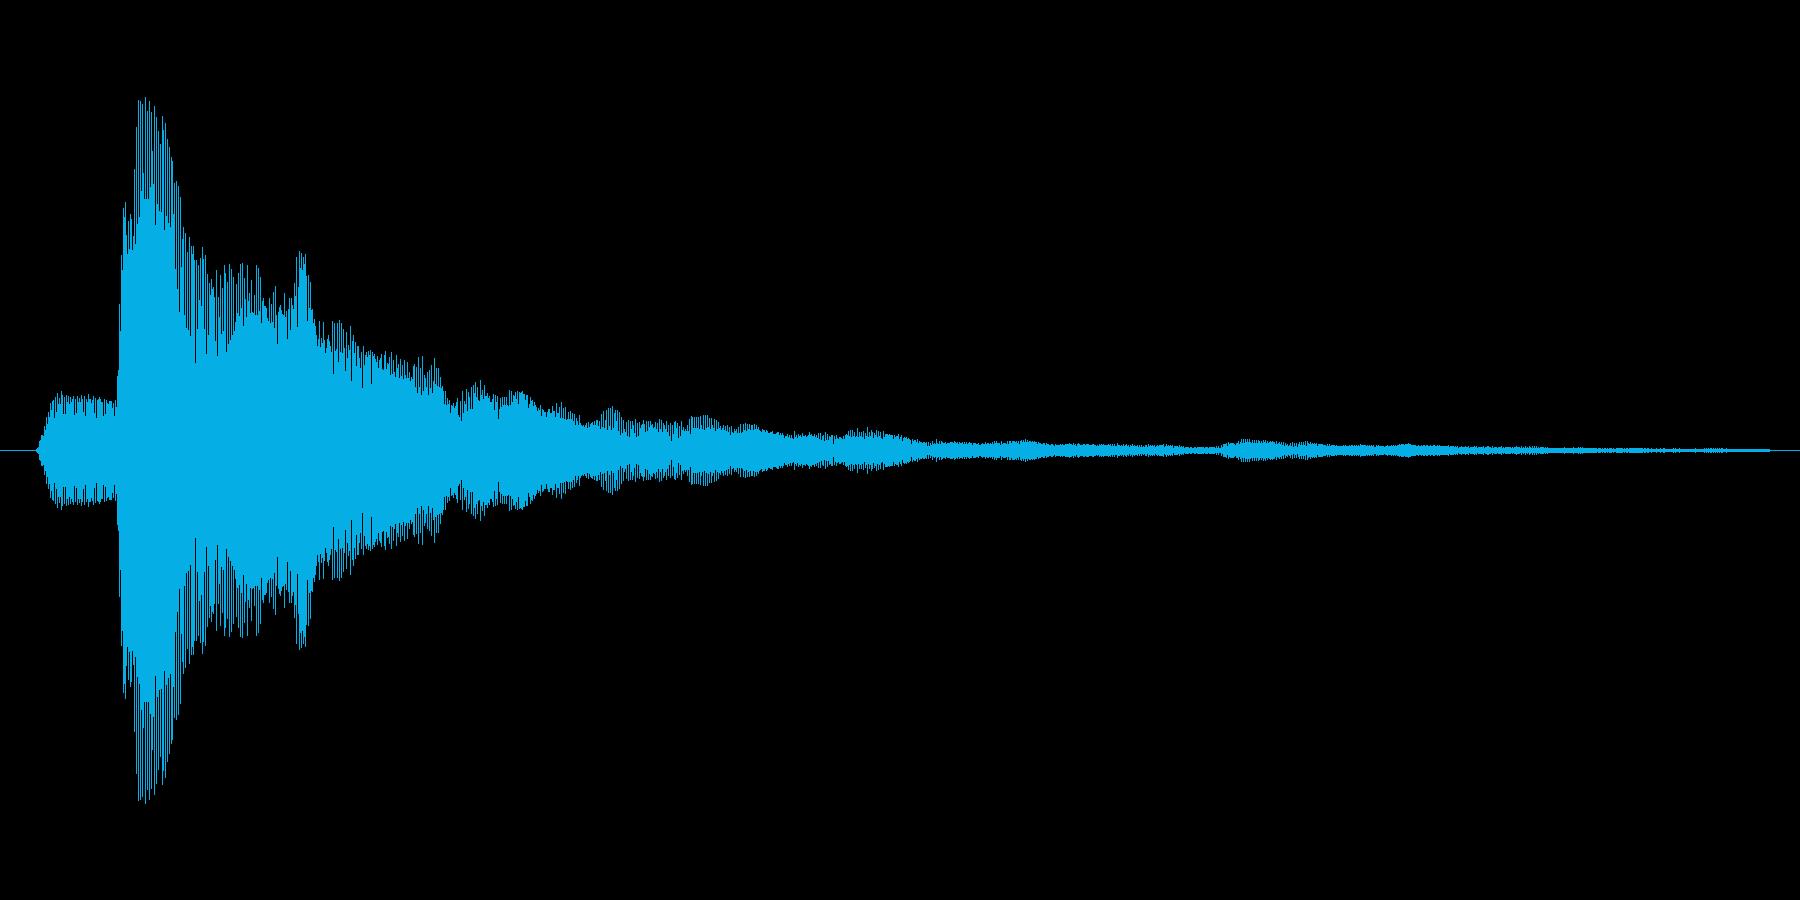 タップ.カーソル移動.クリック.決定14の再生済みの波形